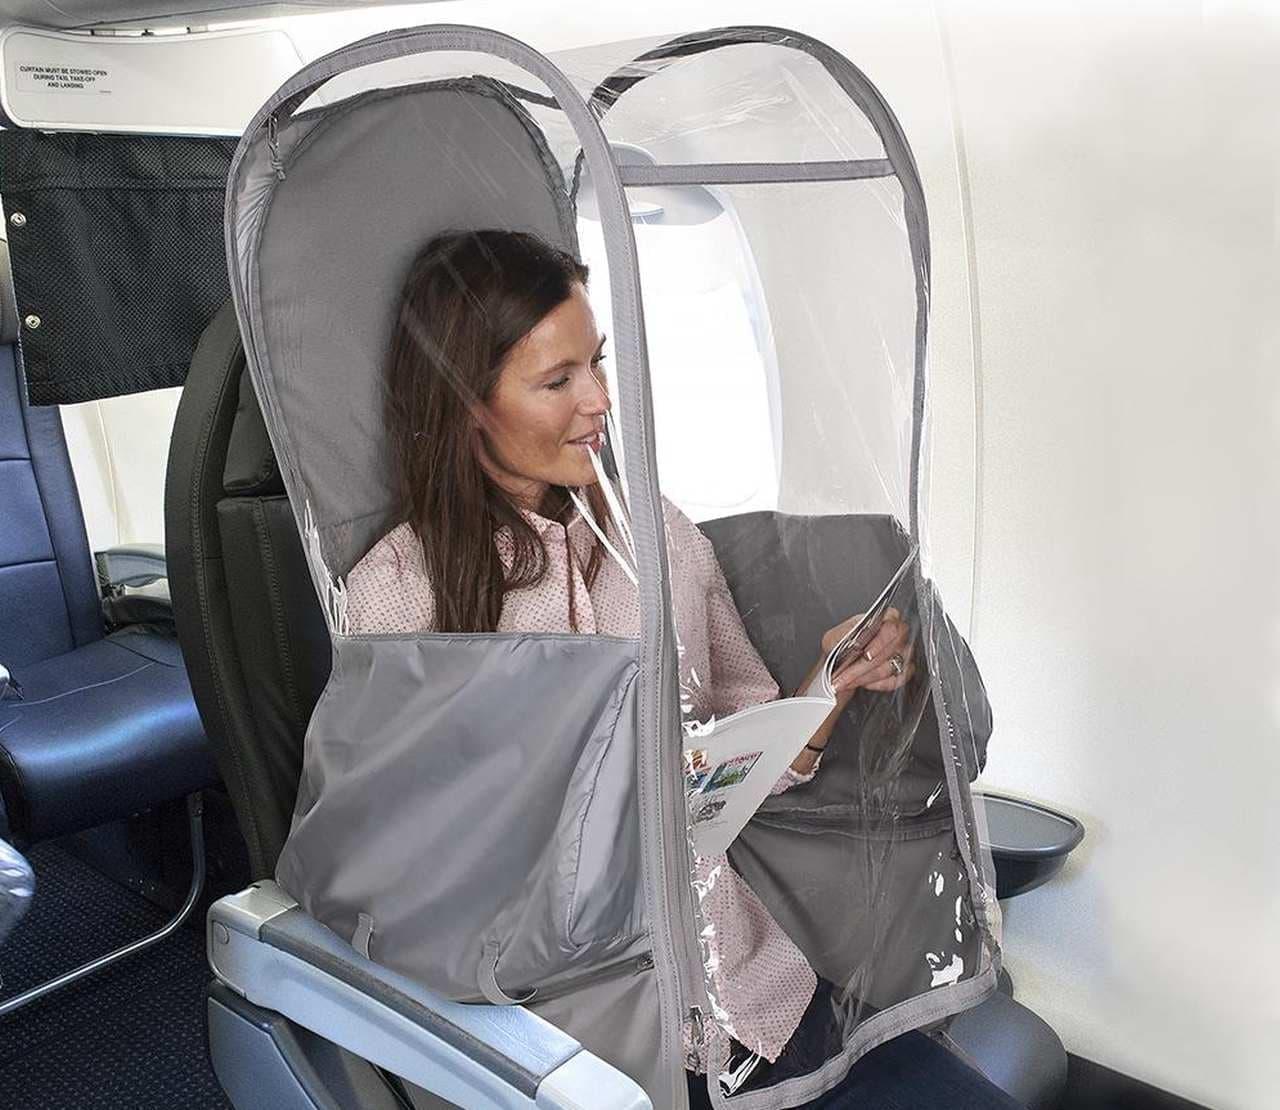 飛沫飛散を防ぐ「Protective Personal Pod」 - 小さく畳んで持ち運べる